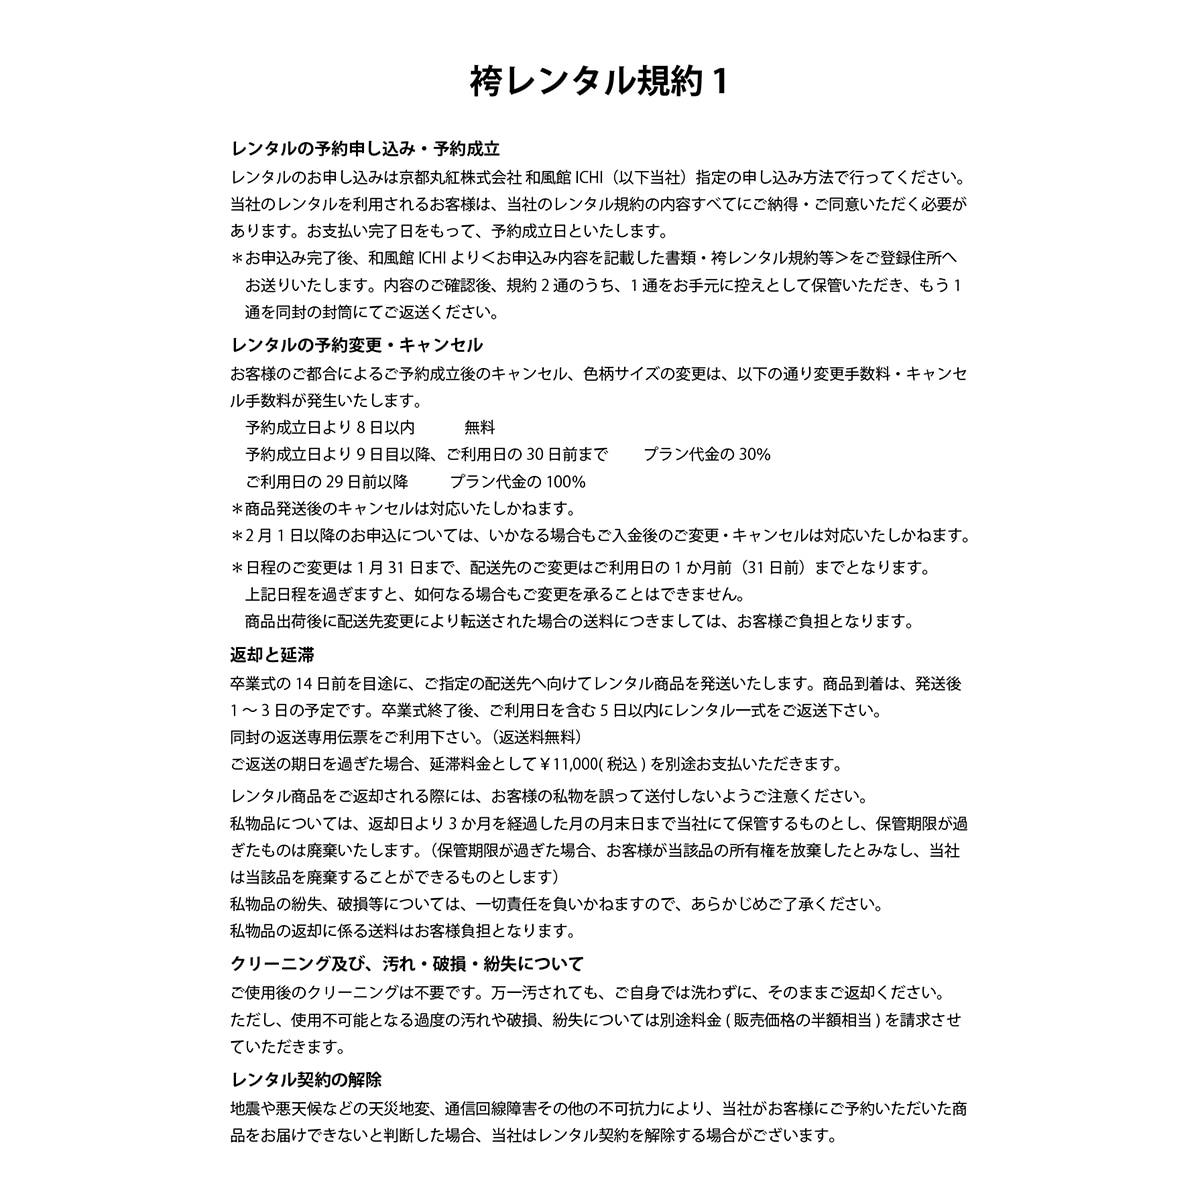 袴レンタル規約